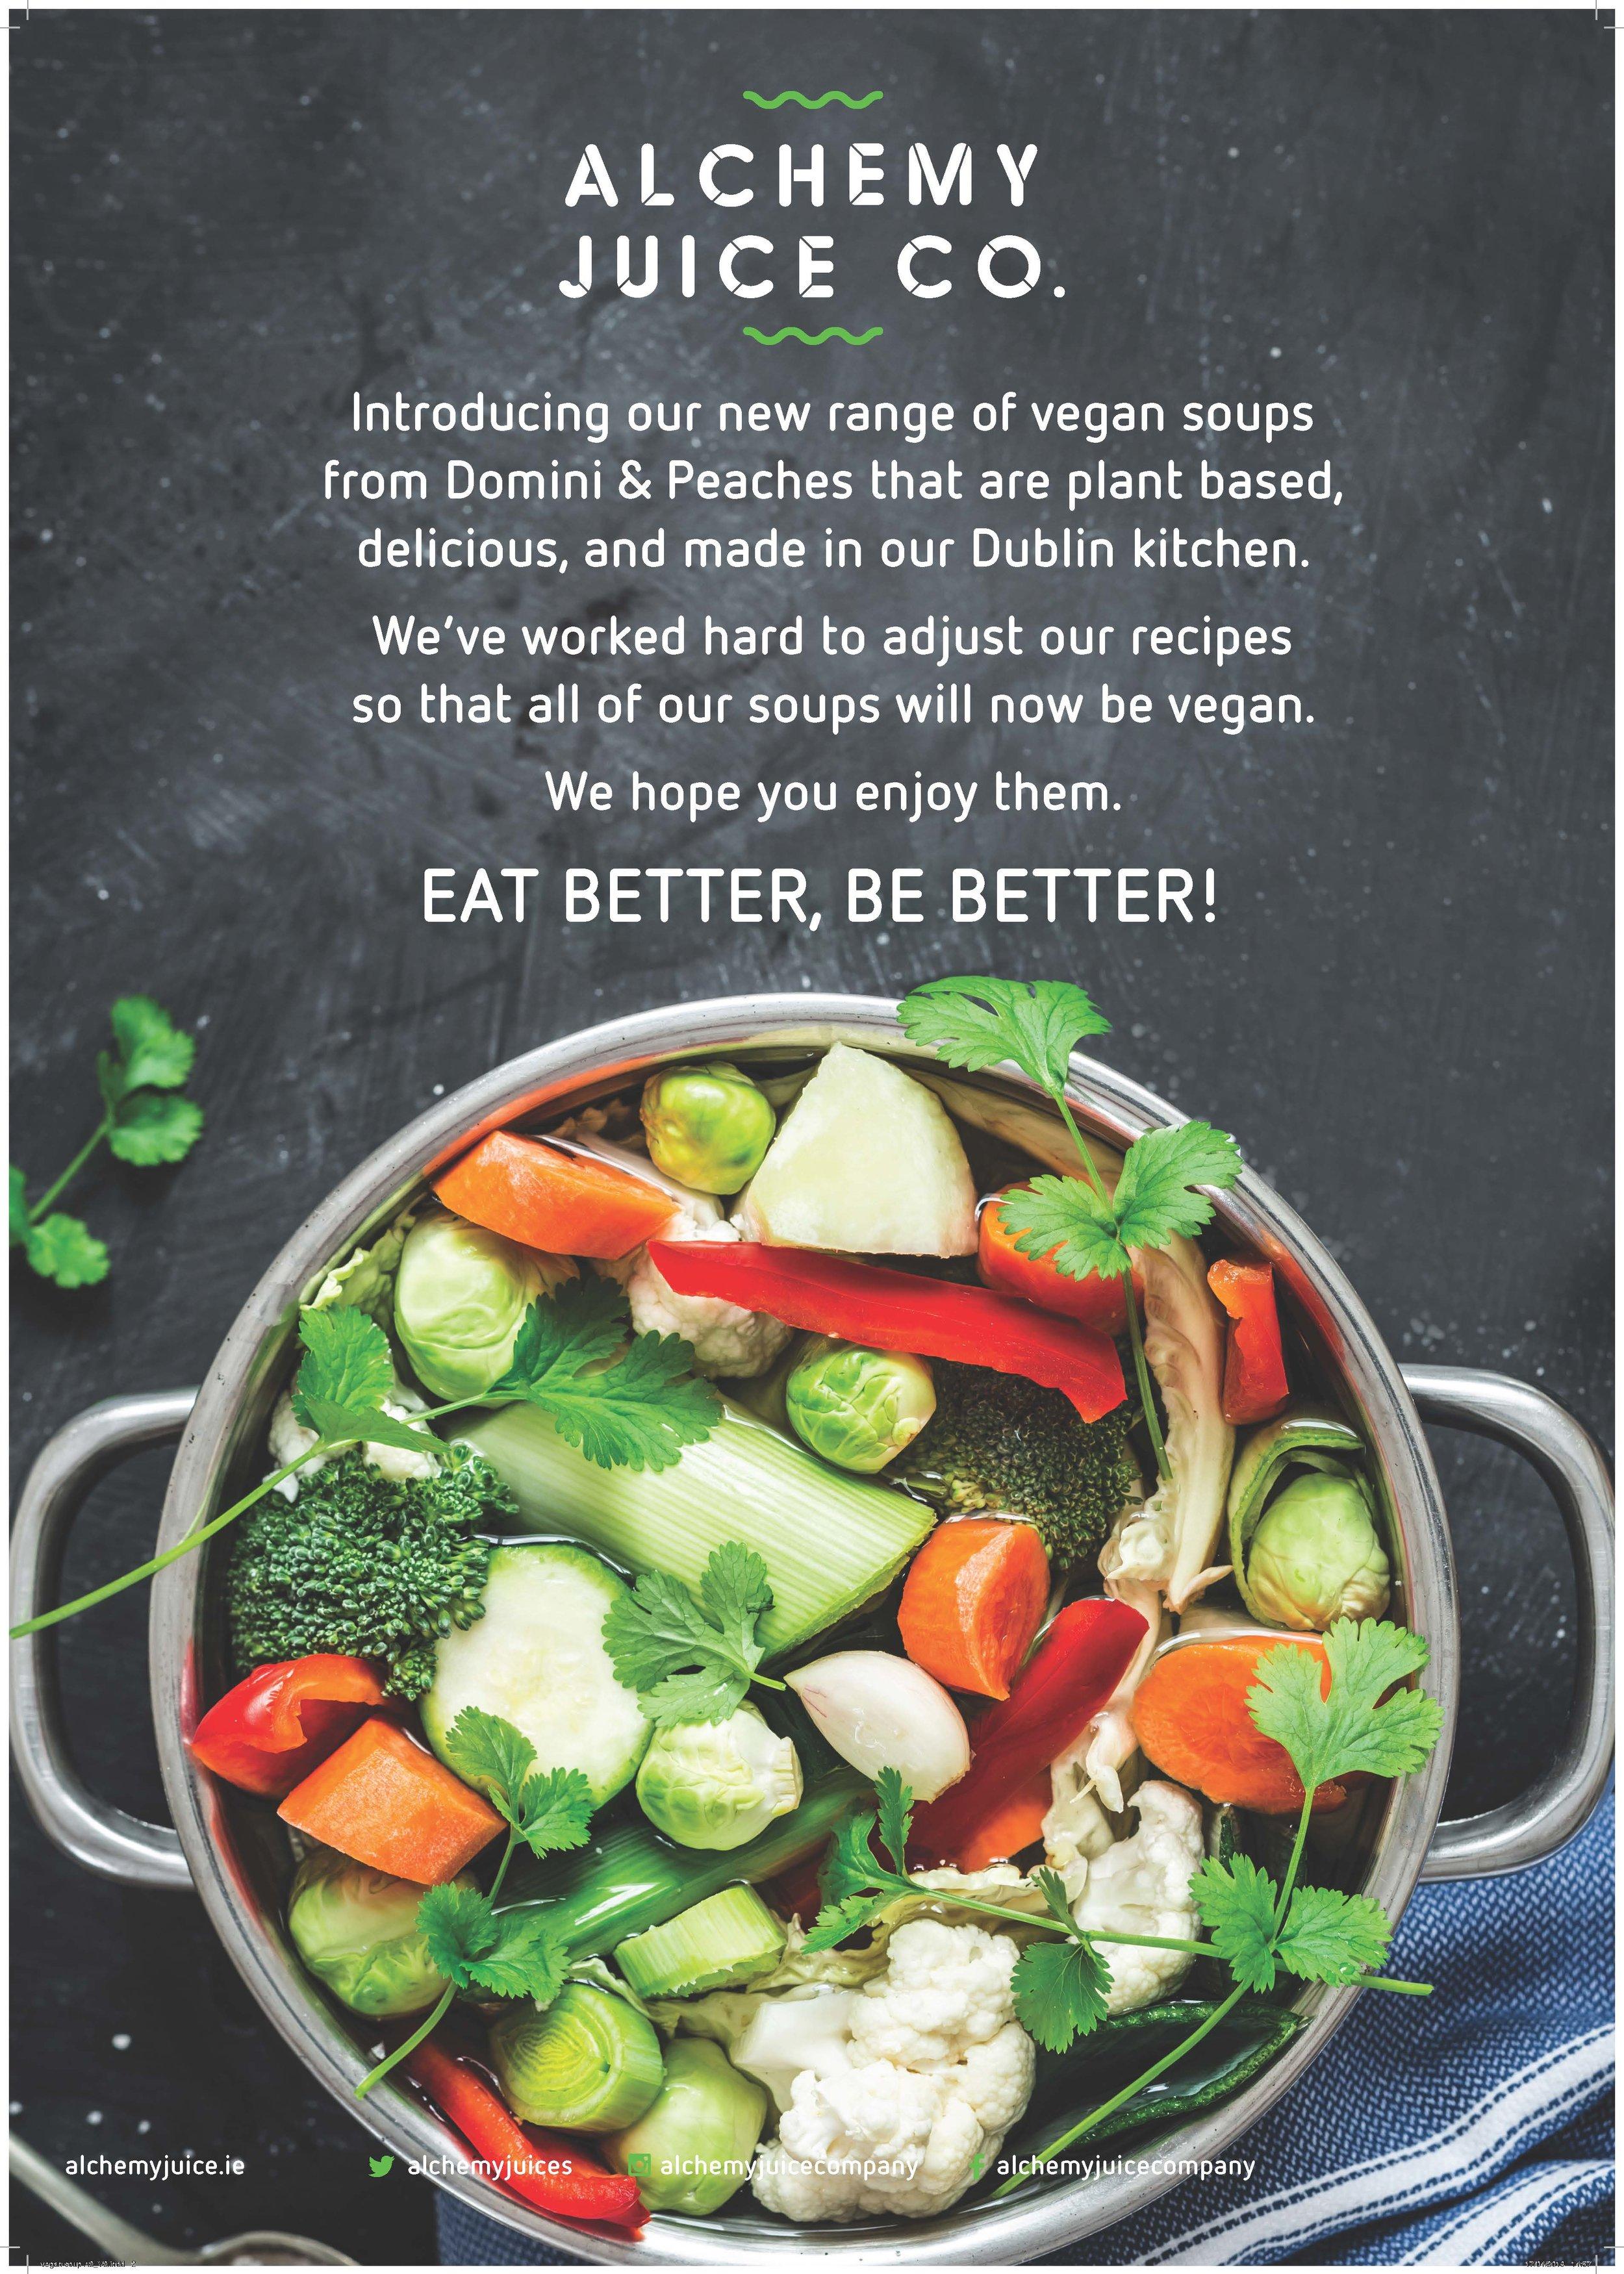 vegan soup A2 X 4_Page_2.jpg